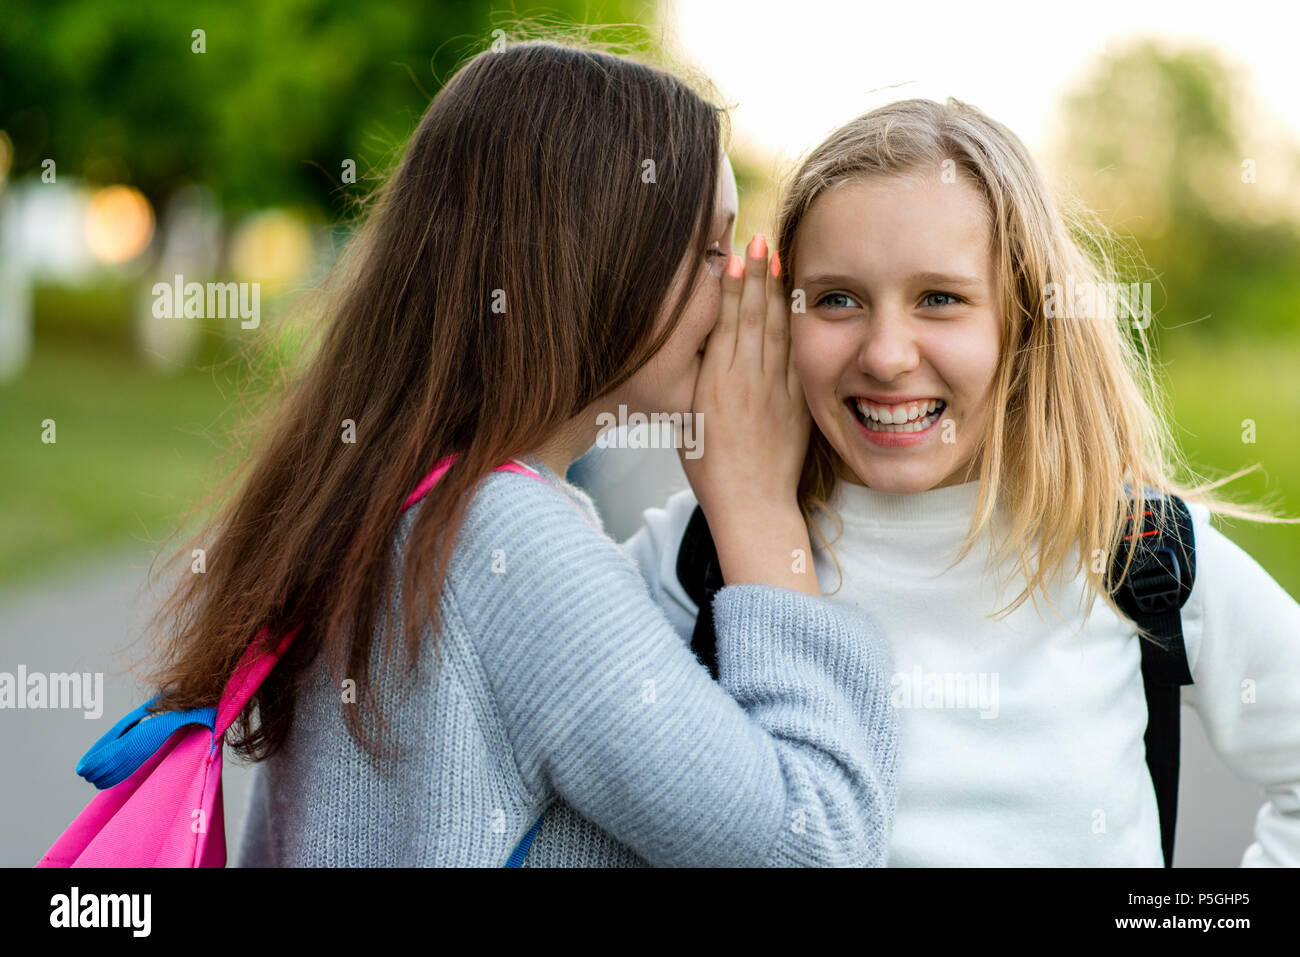 En verano, el parque de la ciudad. Dos amigas alumnas adolescentes. Concepto de broma, secreto, fantasía, conversación, silencioso, de sorpresa. La emoción de la felicidad es el placer, la alegría, la sonrisa, el placer.Después de la escuela. Imagen De Stock